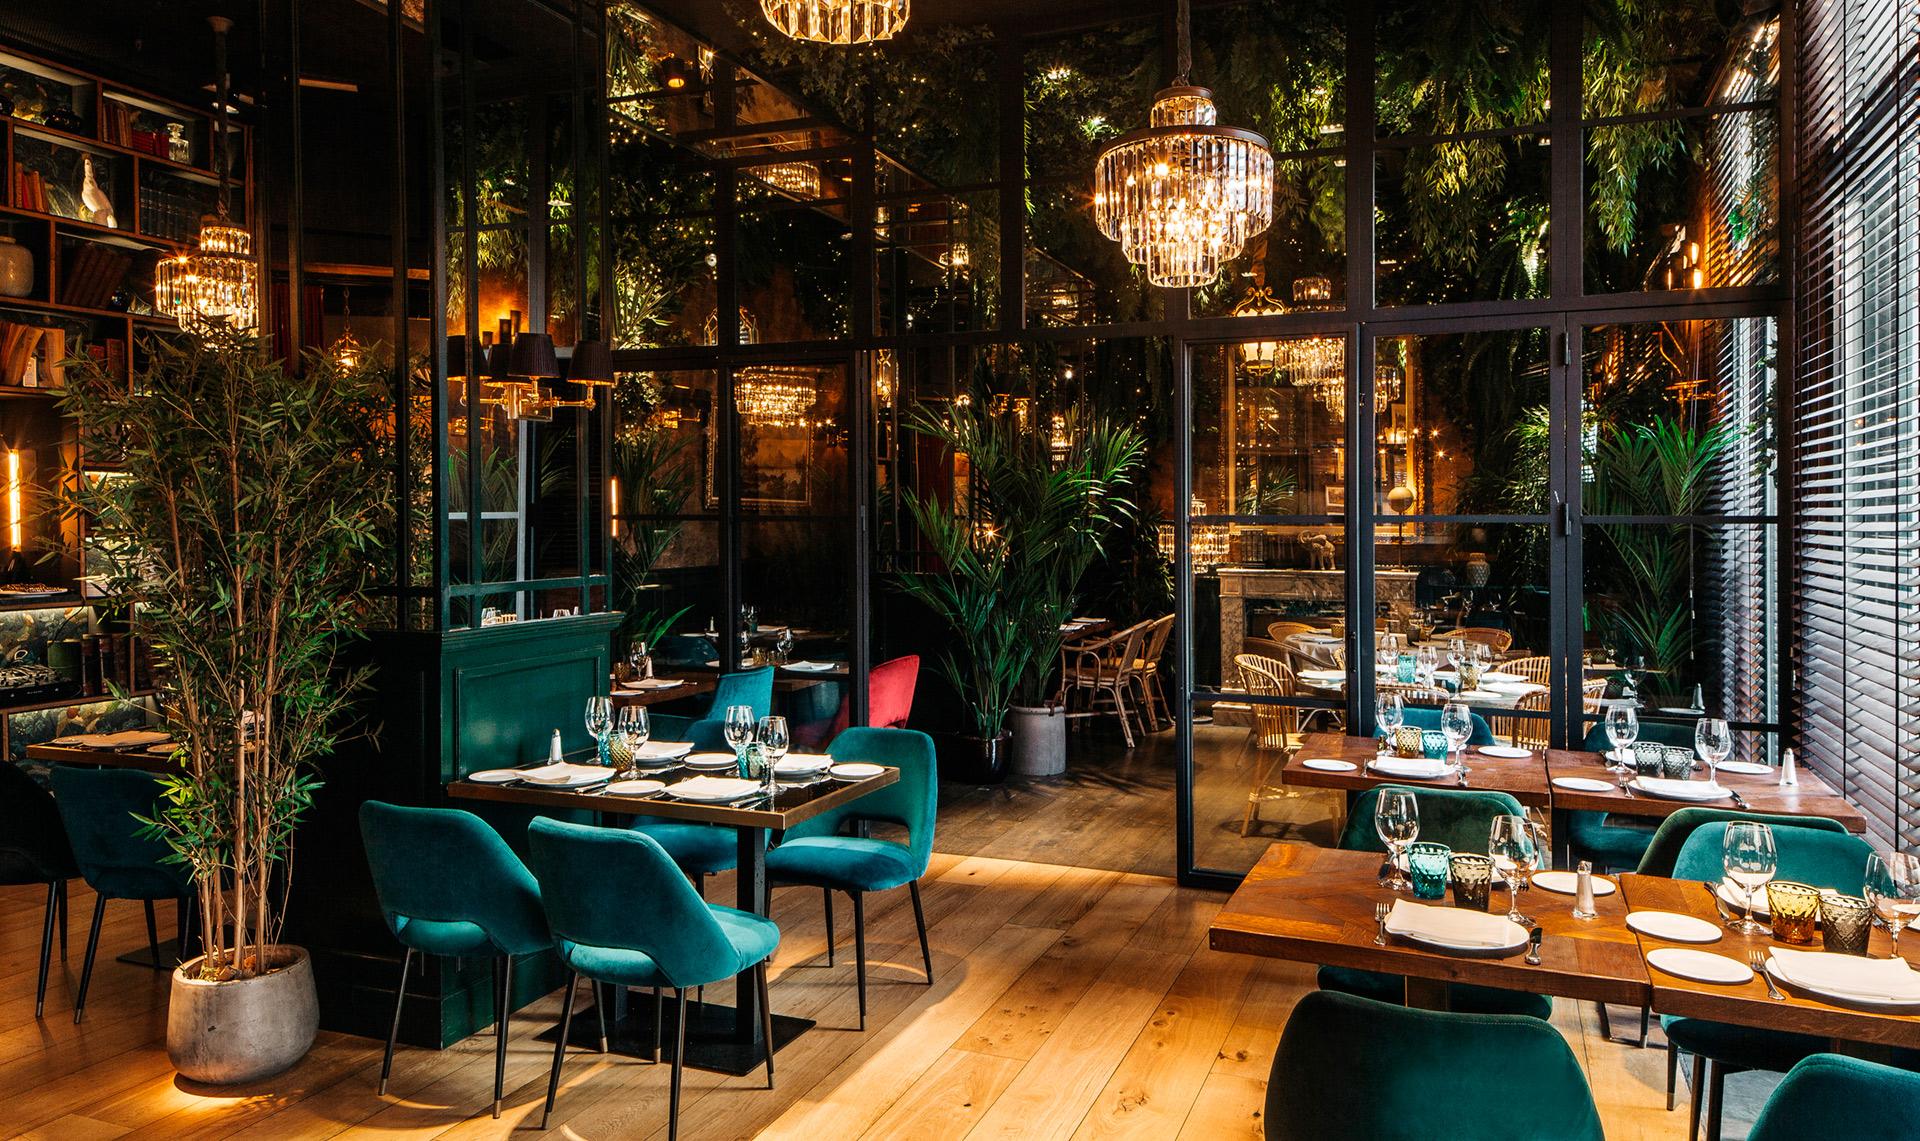 Pablo peyra interiorismo restaurante feroz barcelona for Interiorismo restaurantes